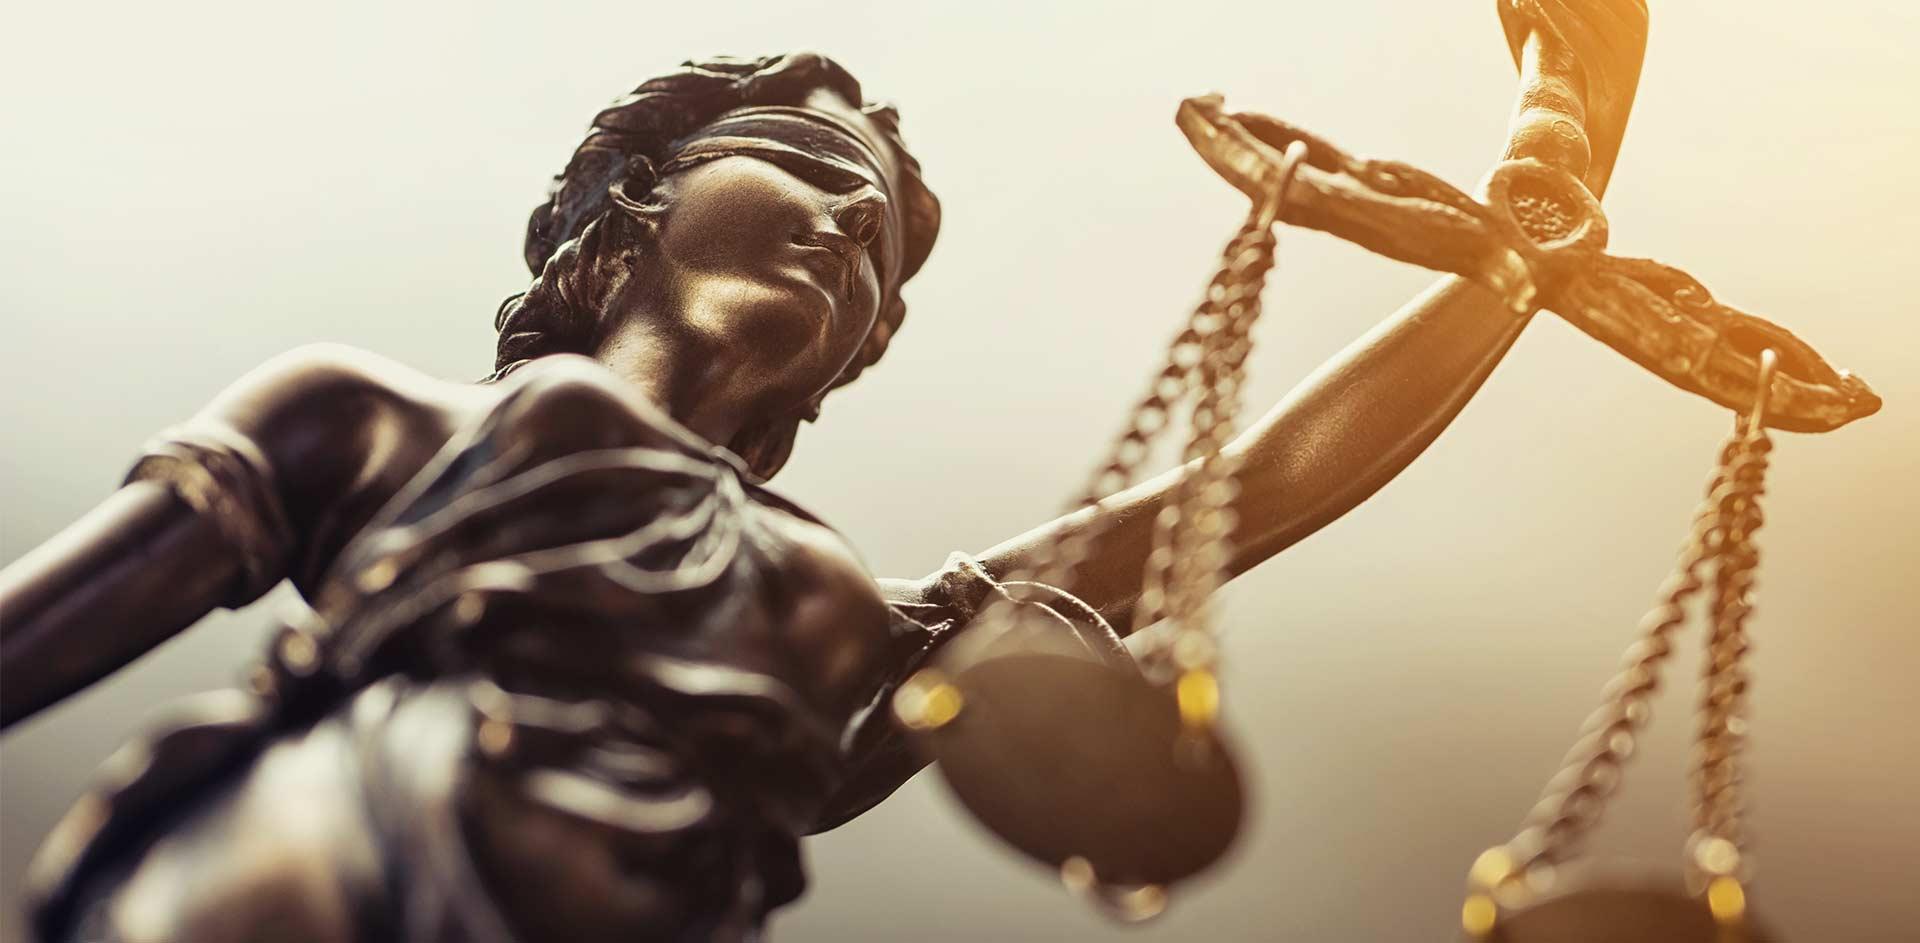 Kanaan Law